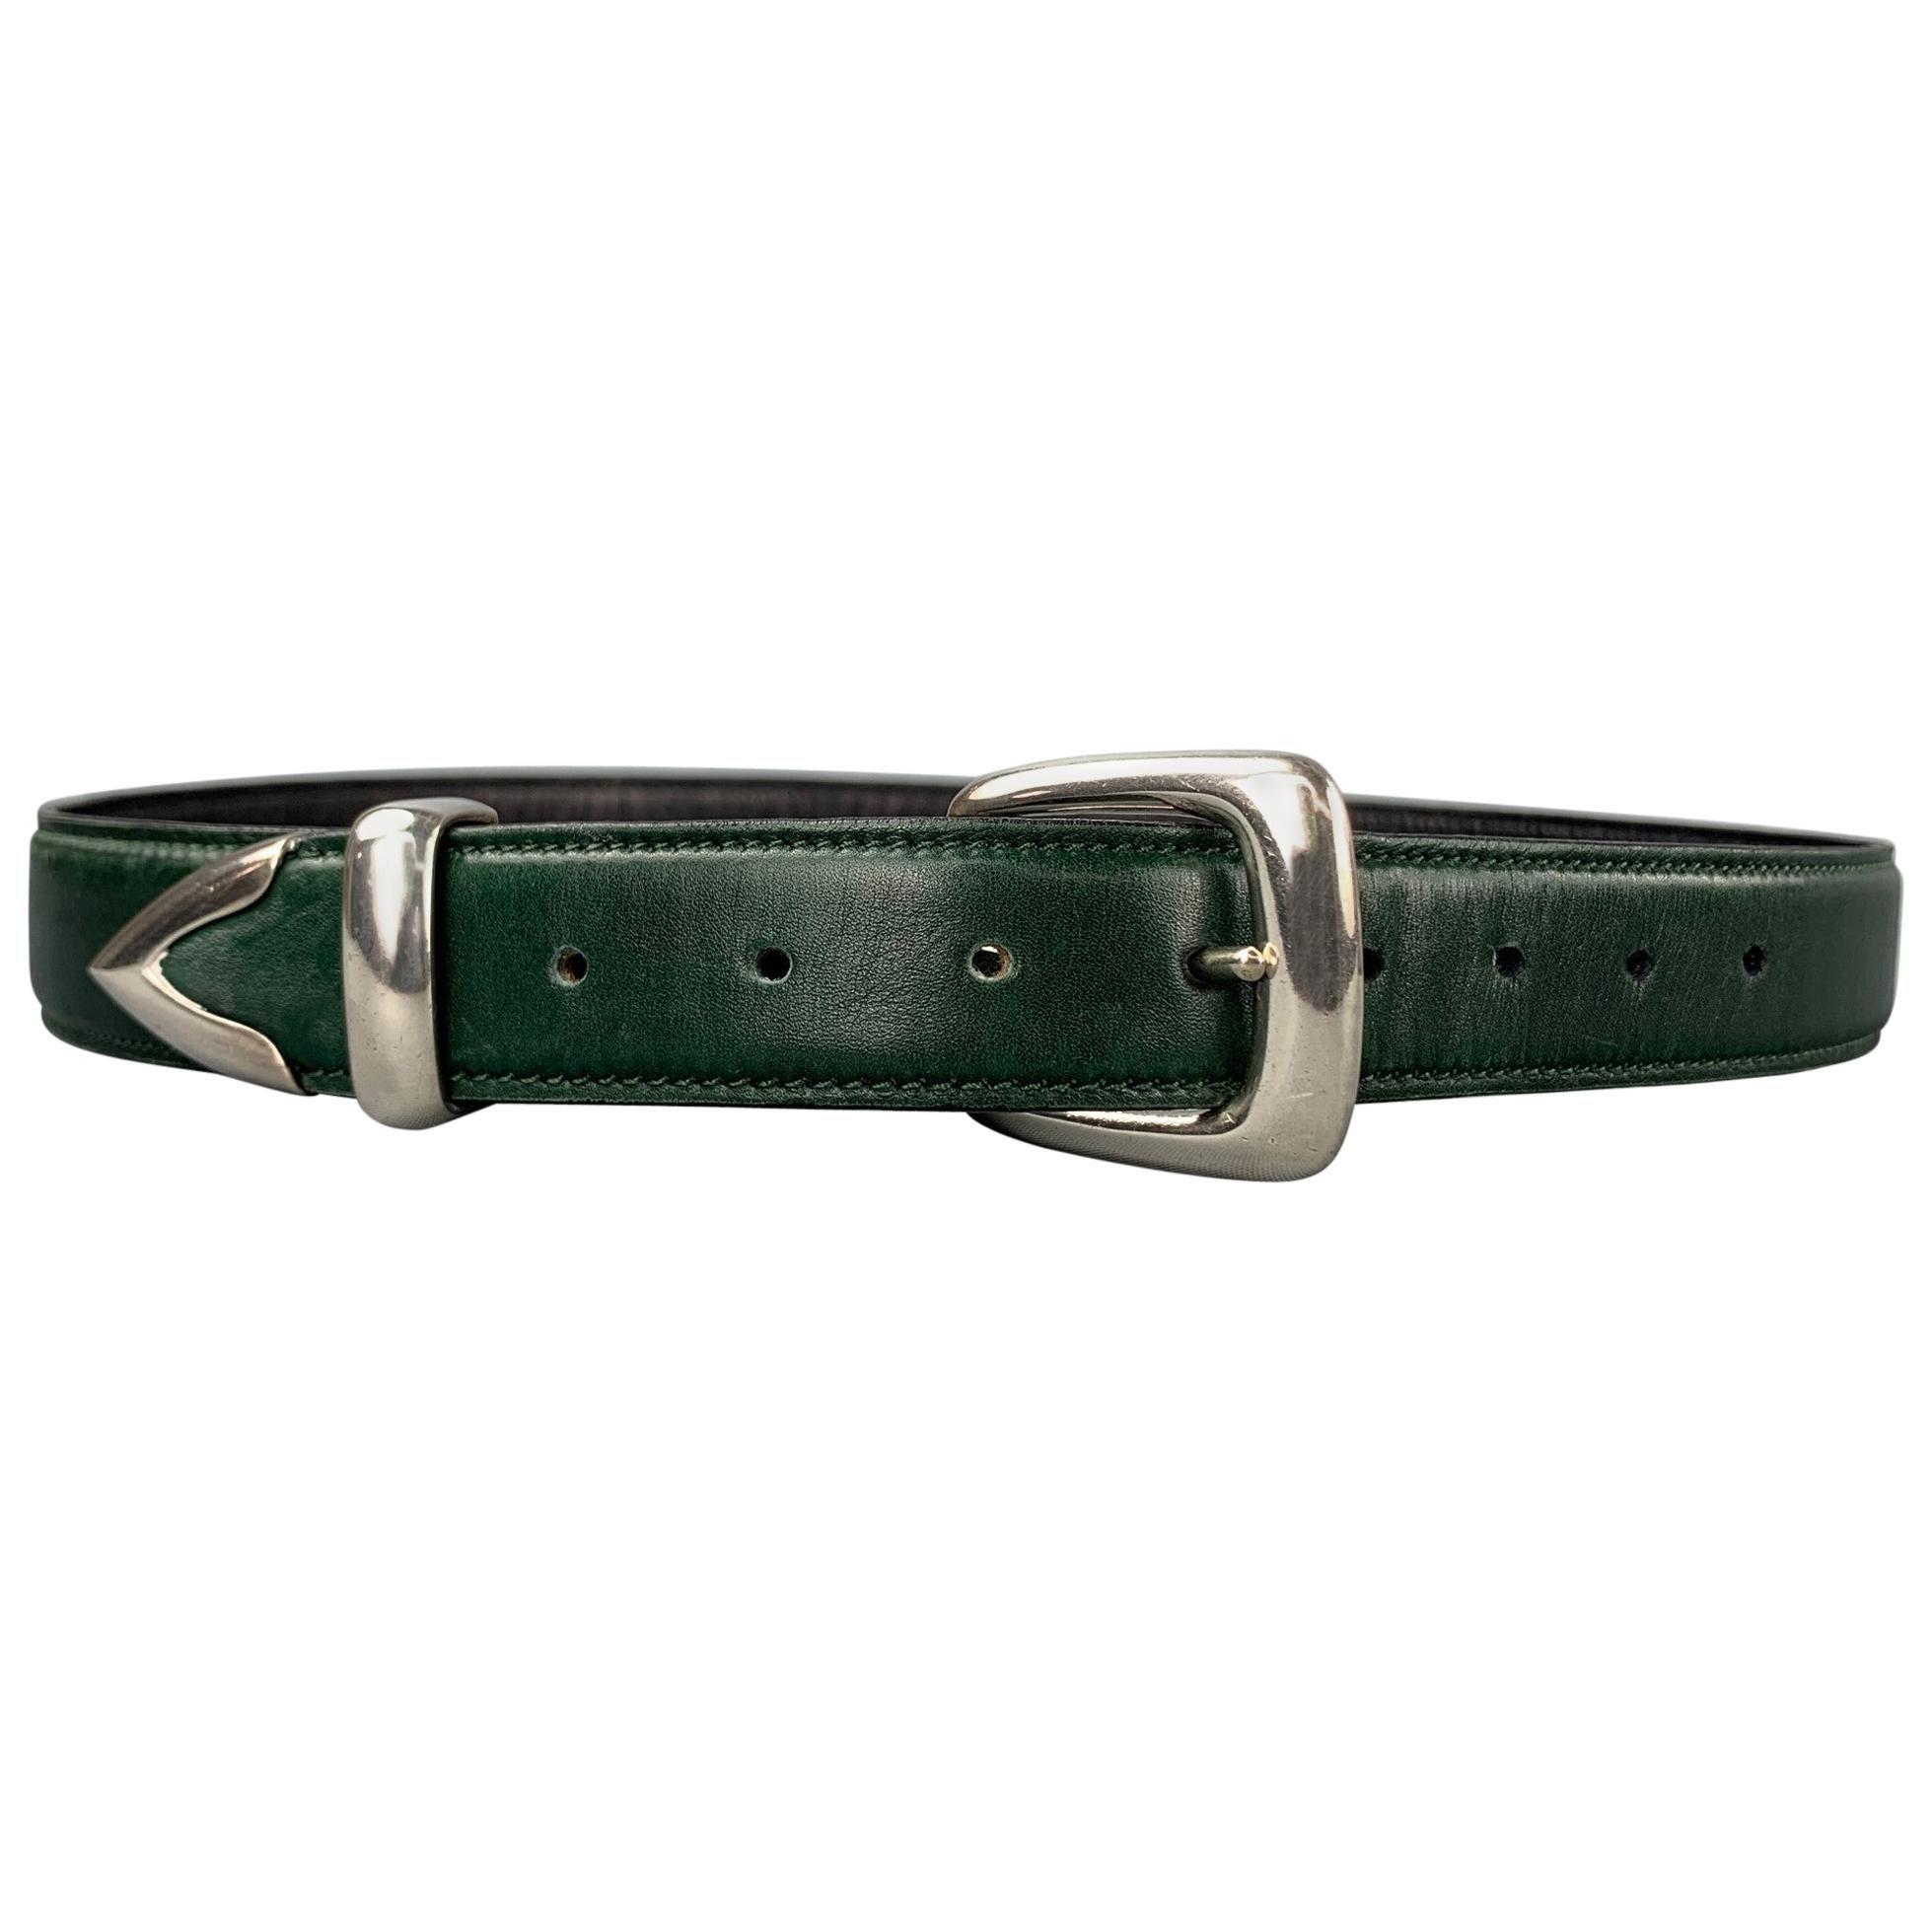 DOUGLAS MAGNUS Size S Dark Green Sterling Silver Leather Heartline Belt